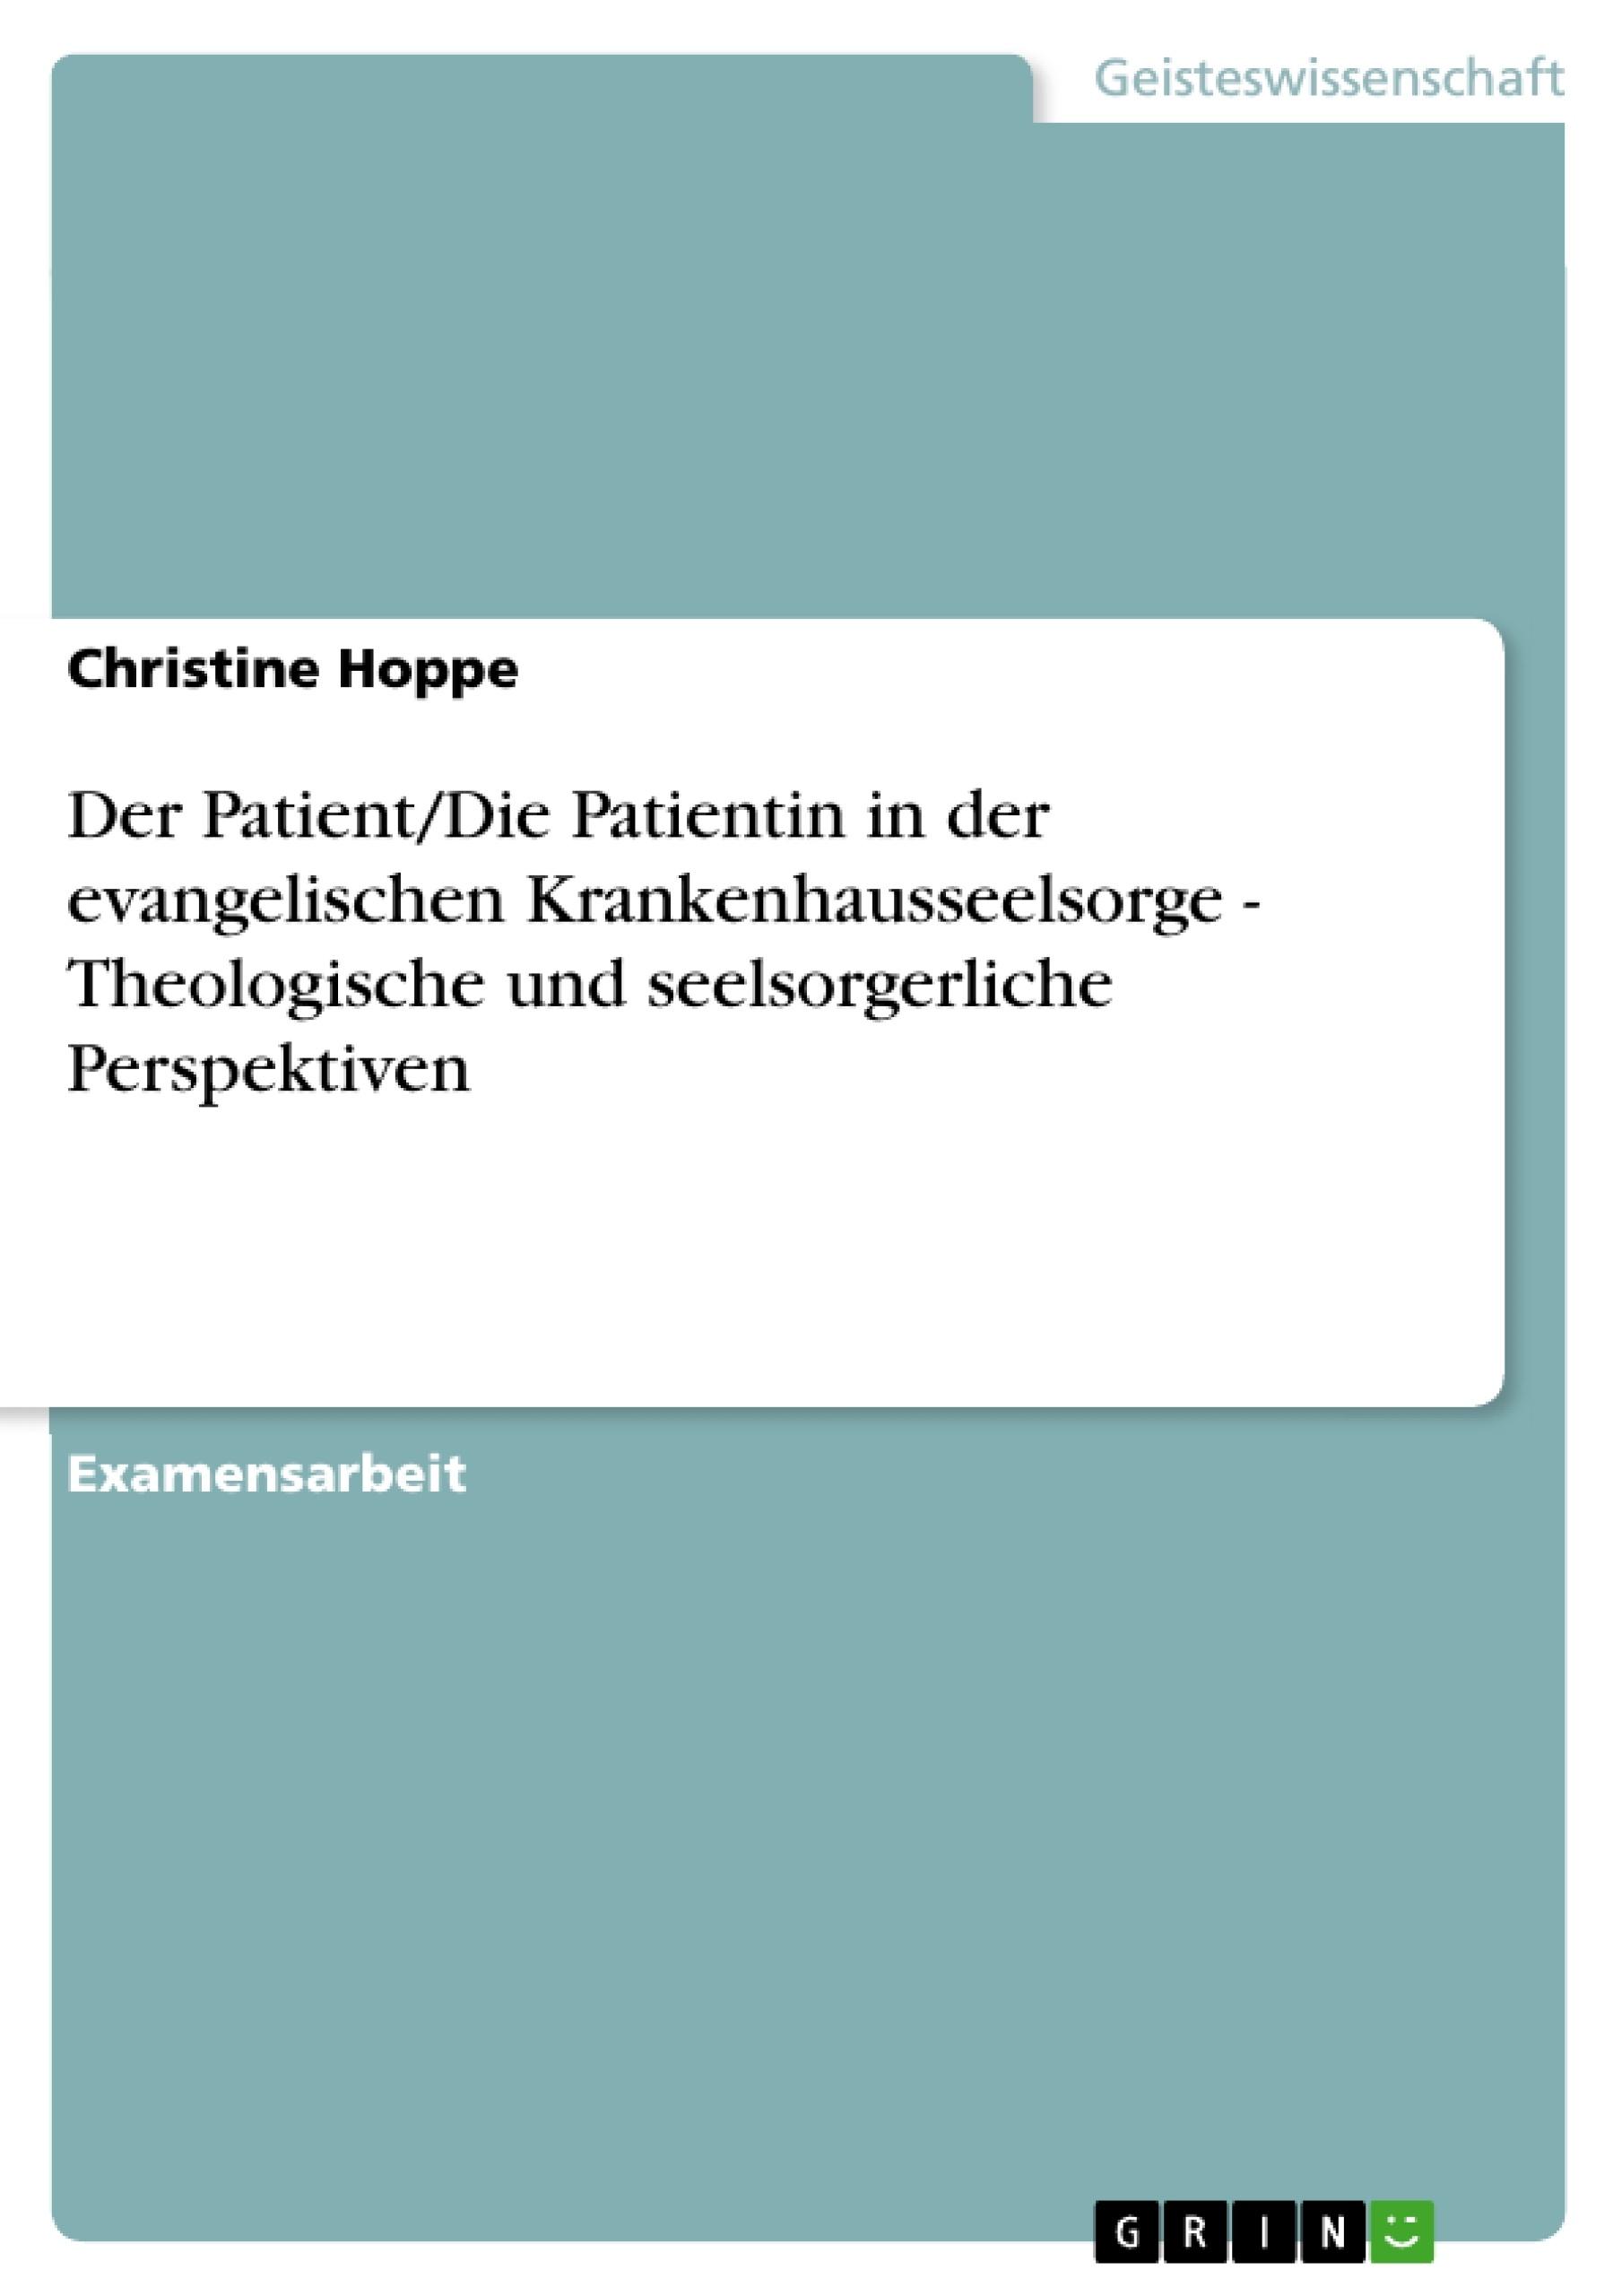 Titel: Der Patient/Die Patientin in der evangelischen Krankenhausseelsorge - Theologische und seelsorgerliche Perspektiven